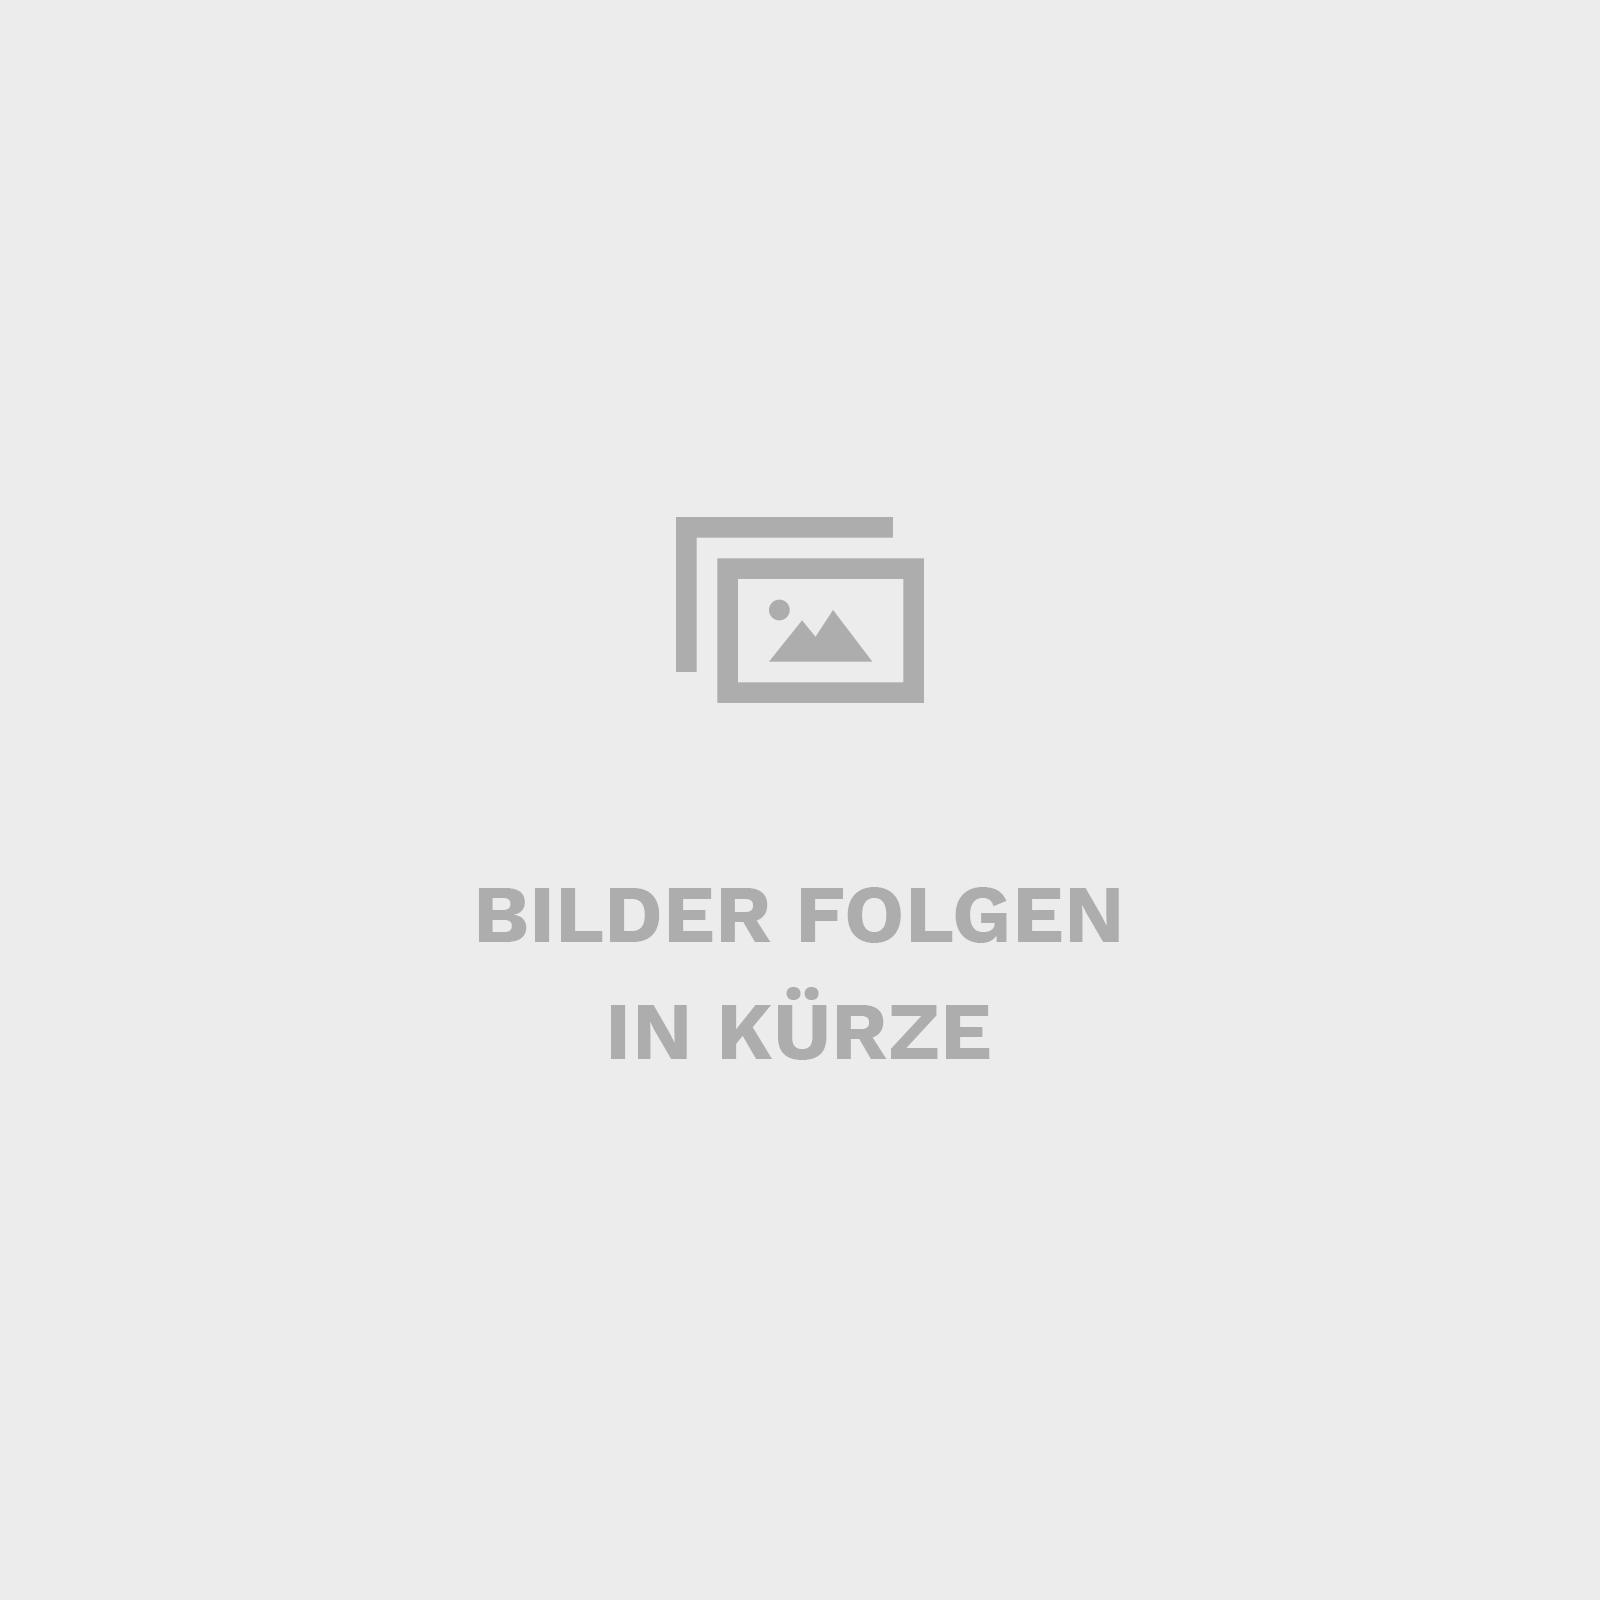 Polsterstoff Hallingdal 65 58 Farben Von Kvadrat Für 13965